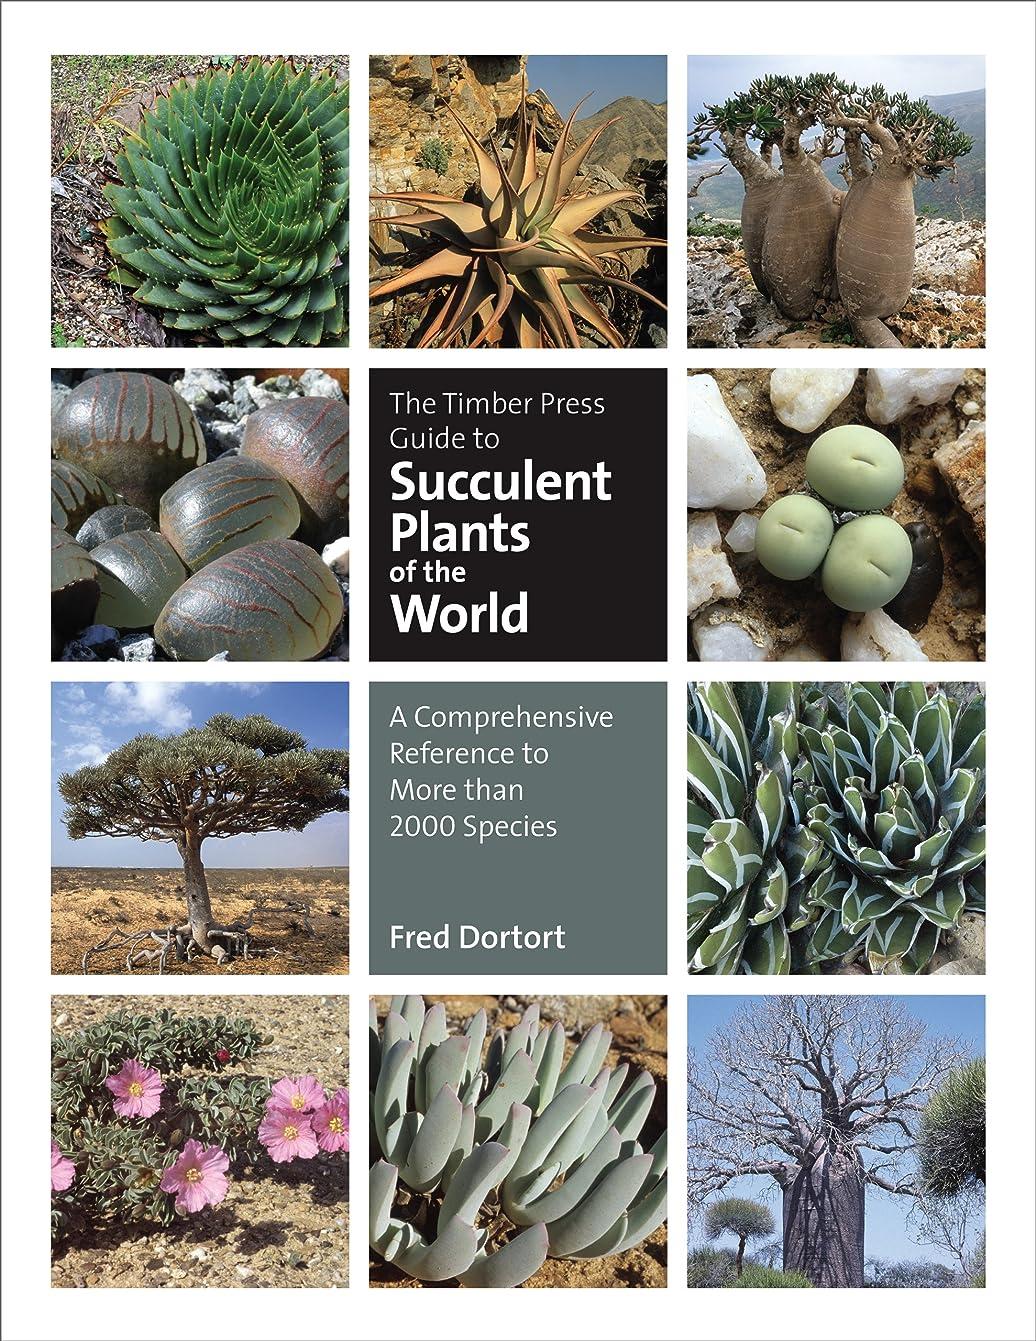 パース額軽食The Timber Press Guide to Succulent Plants of the World: A Comprehensive Reference to More than 2000 Species (English Edition)